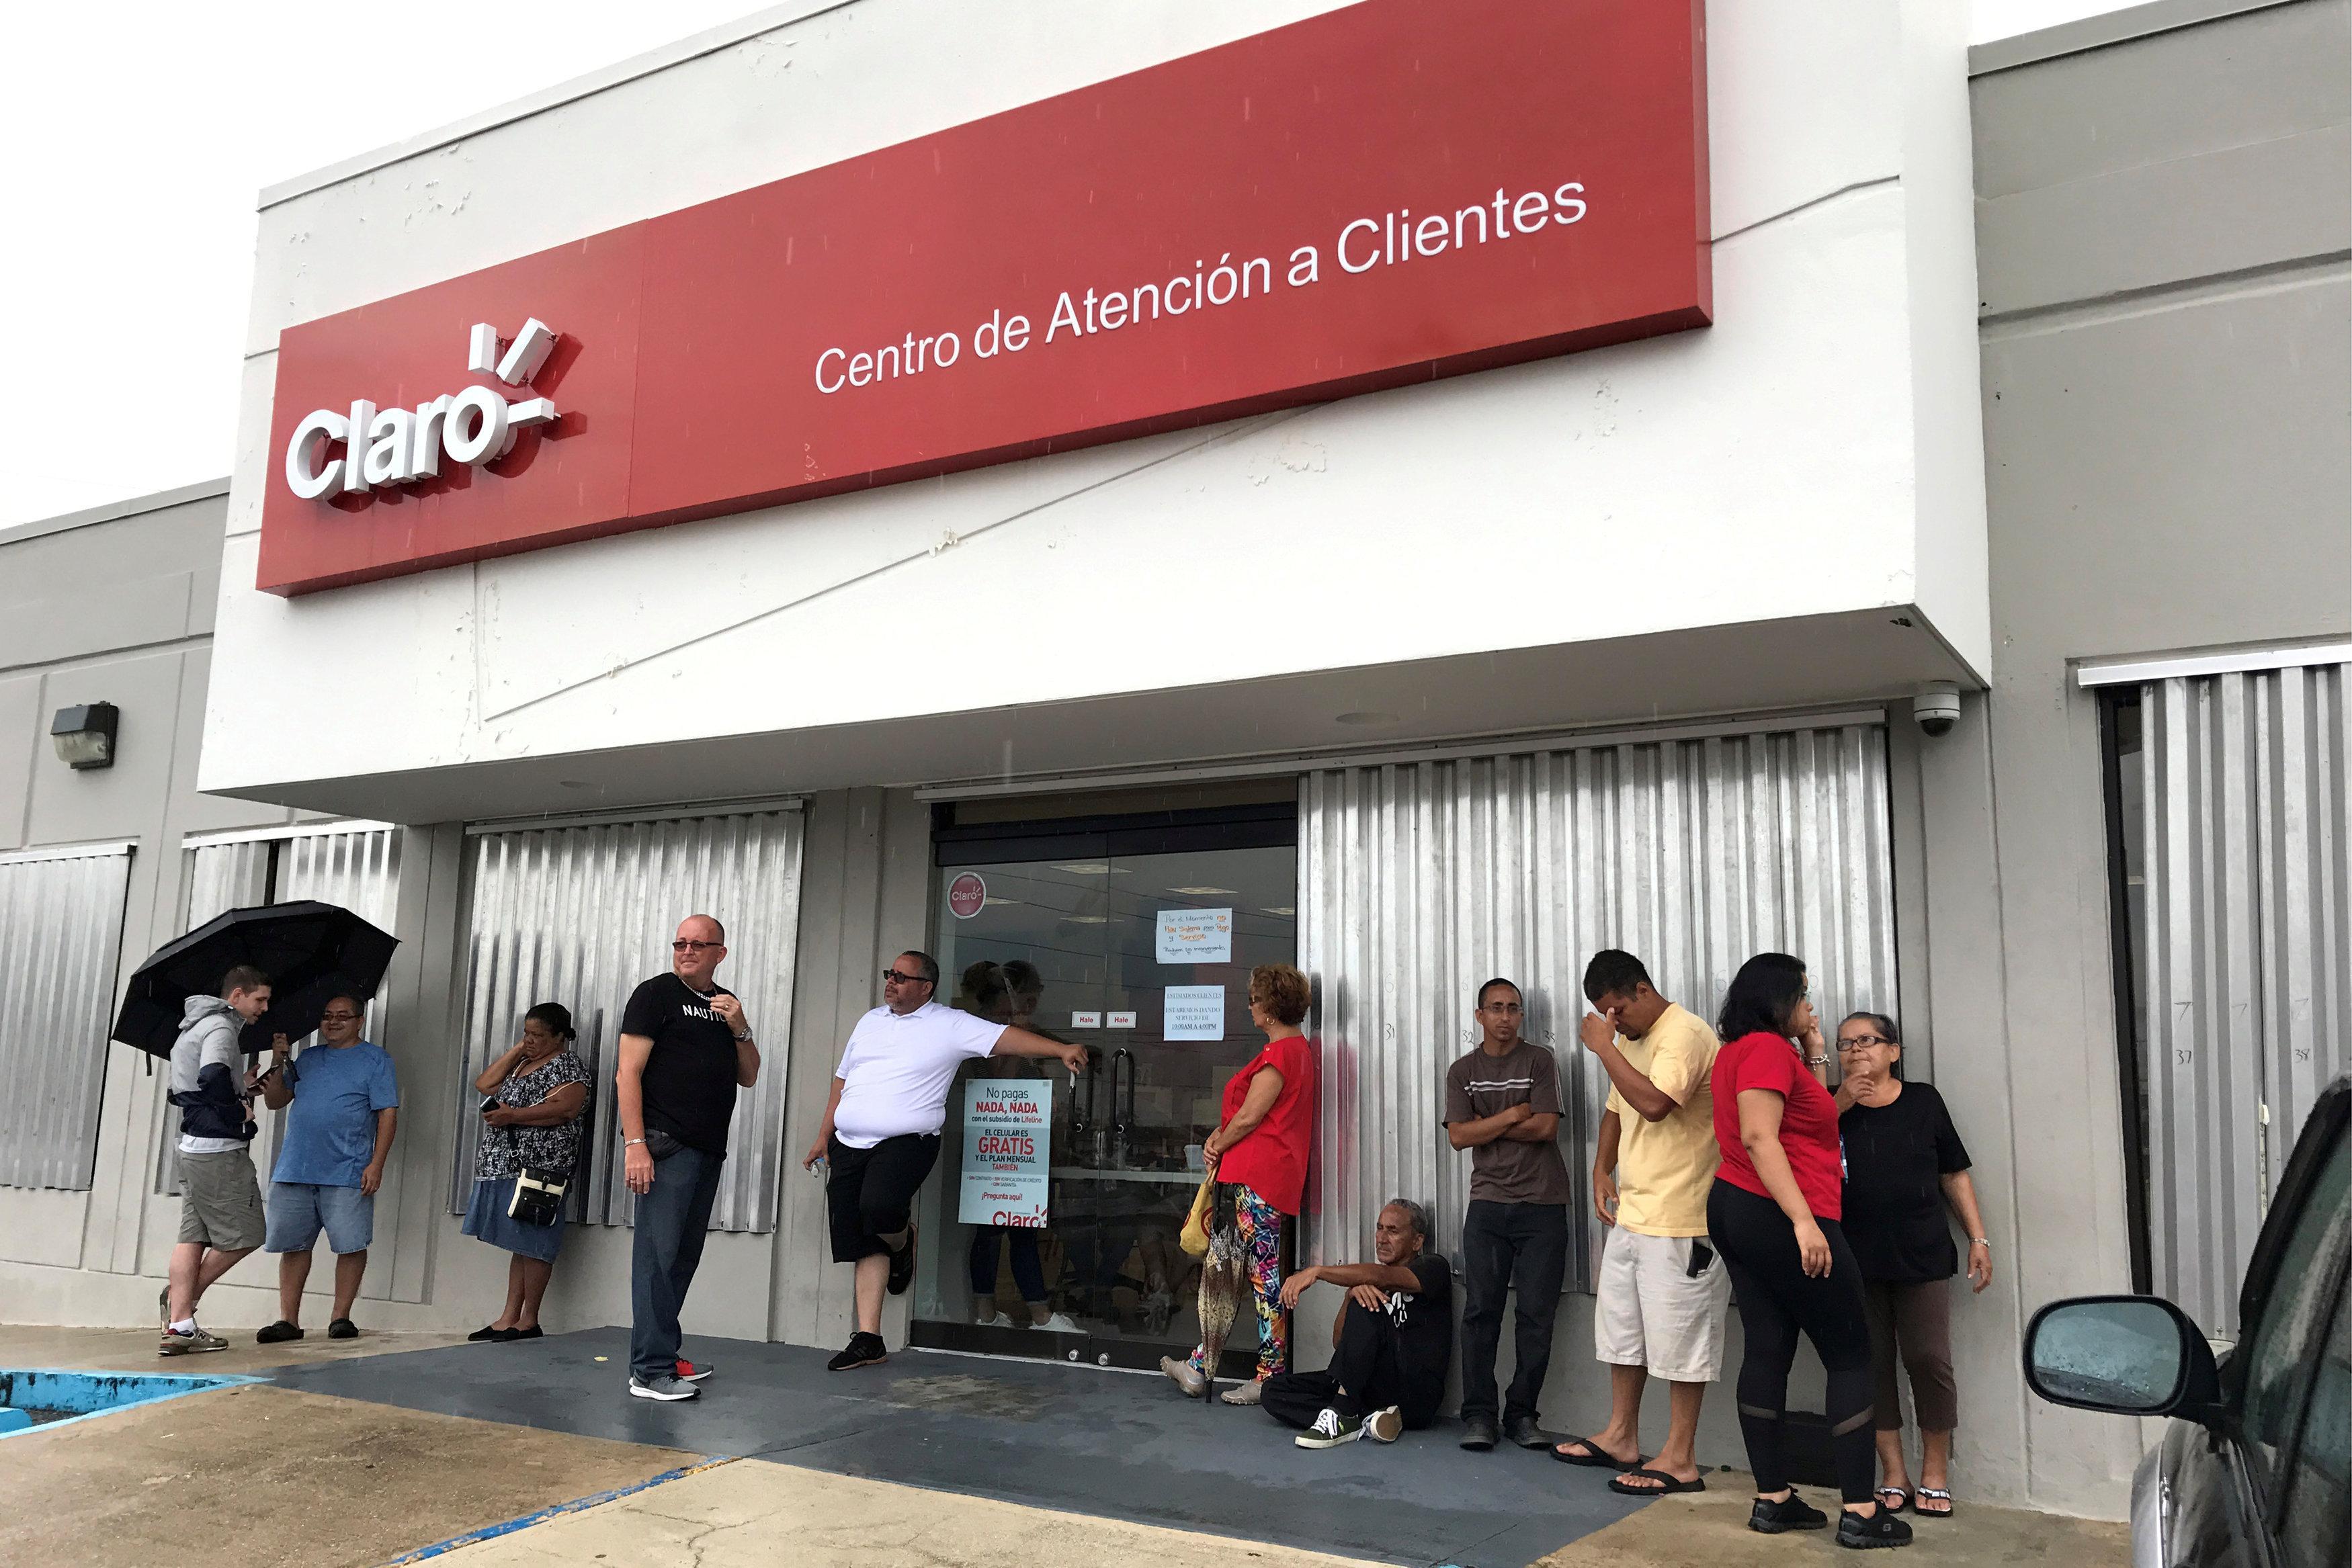 急需电池服务的波多黎各人转向墨西哥航空公司